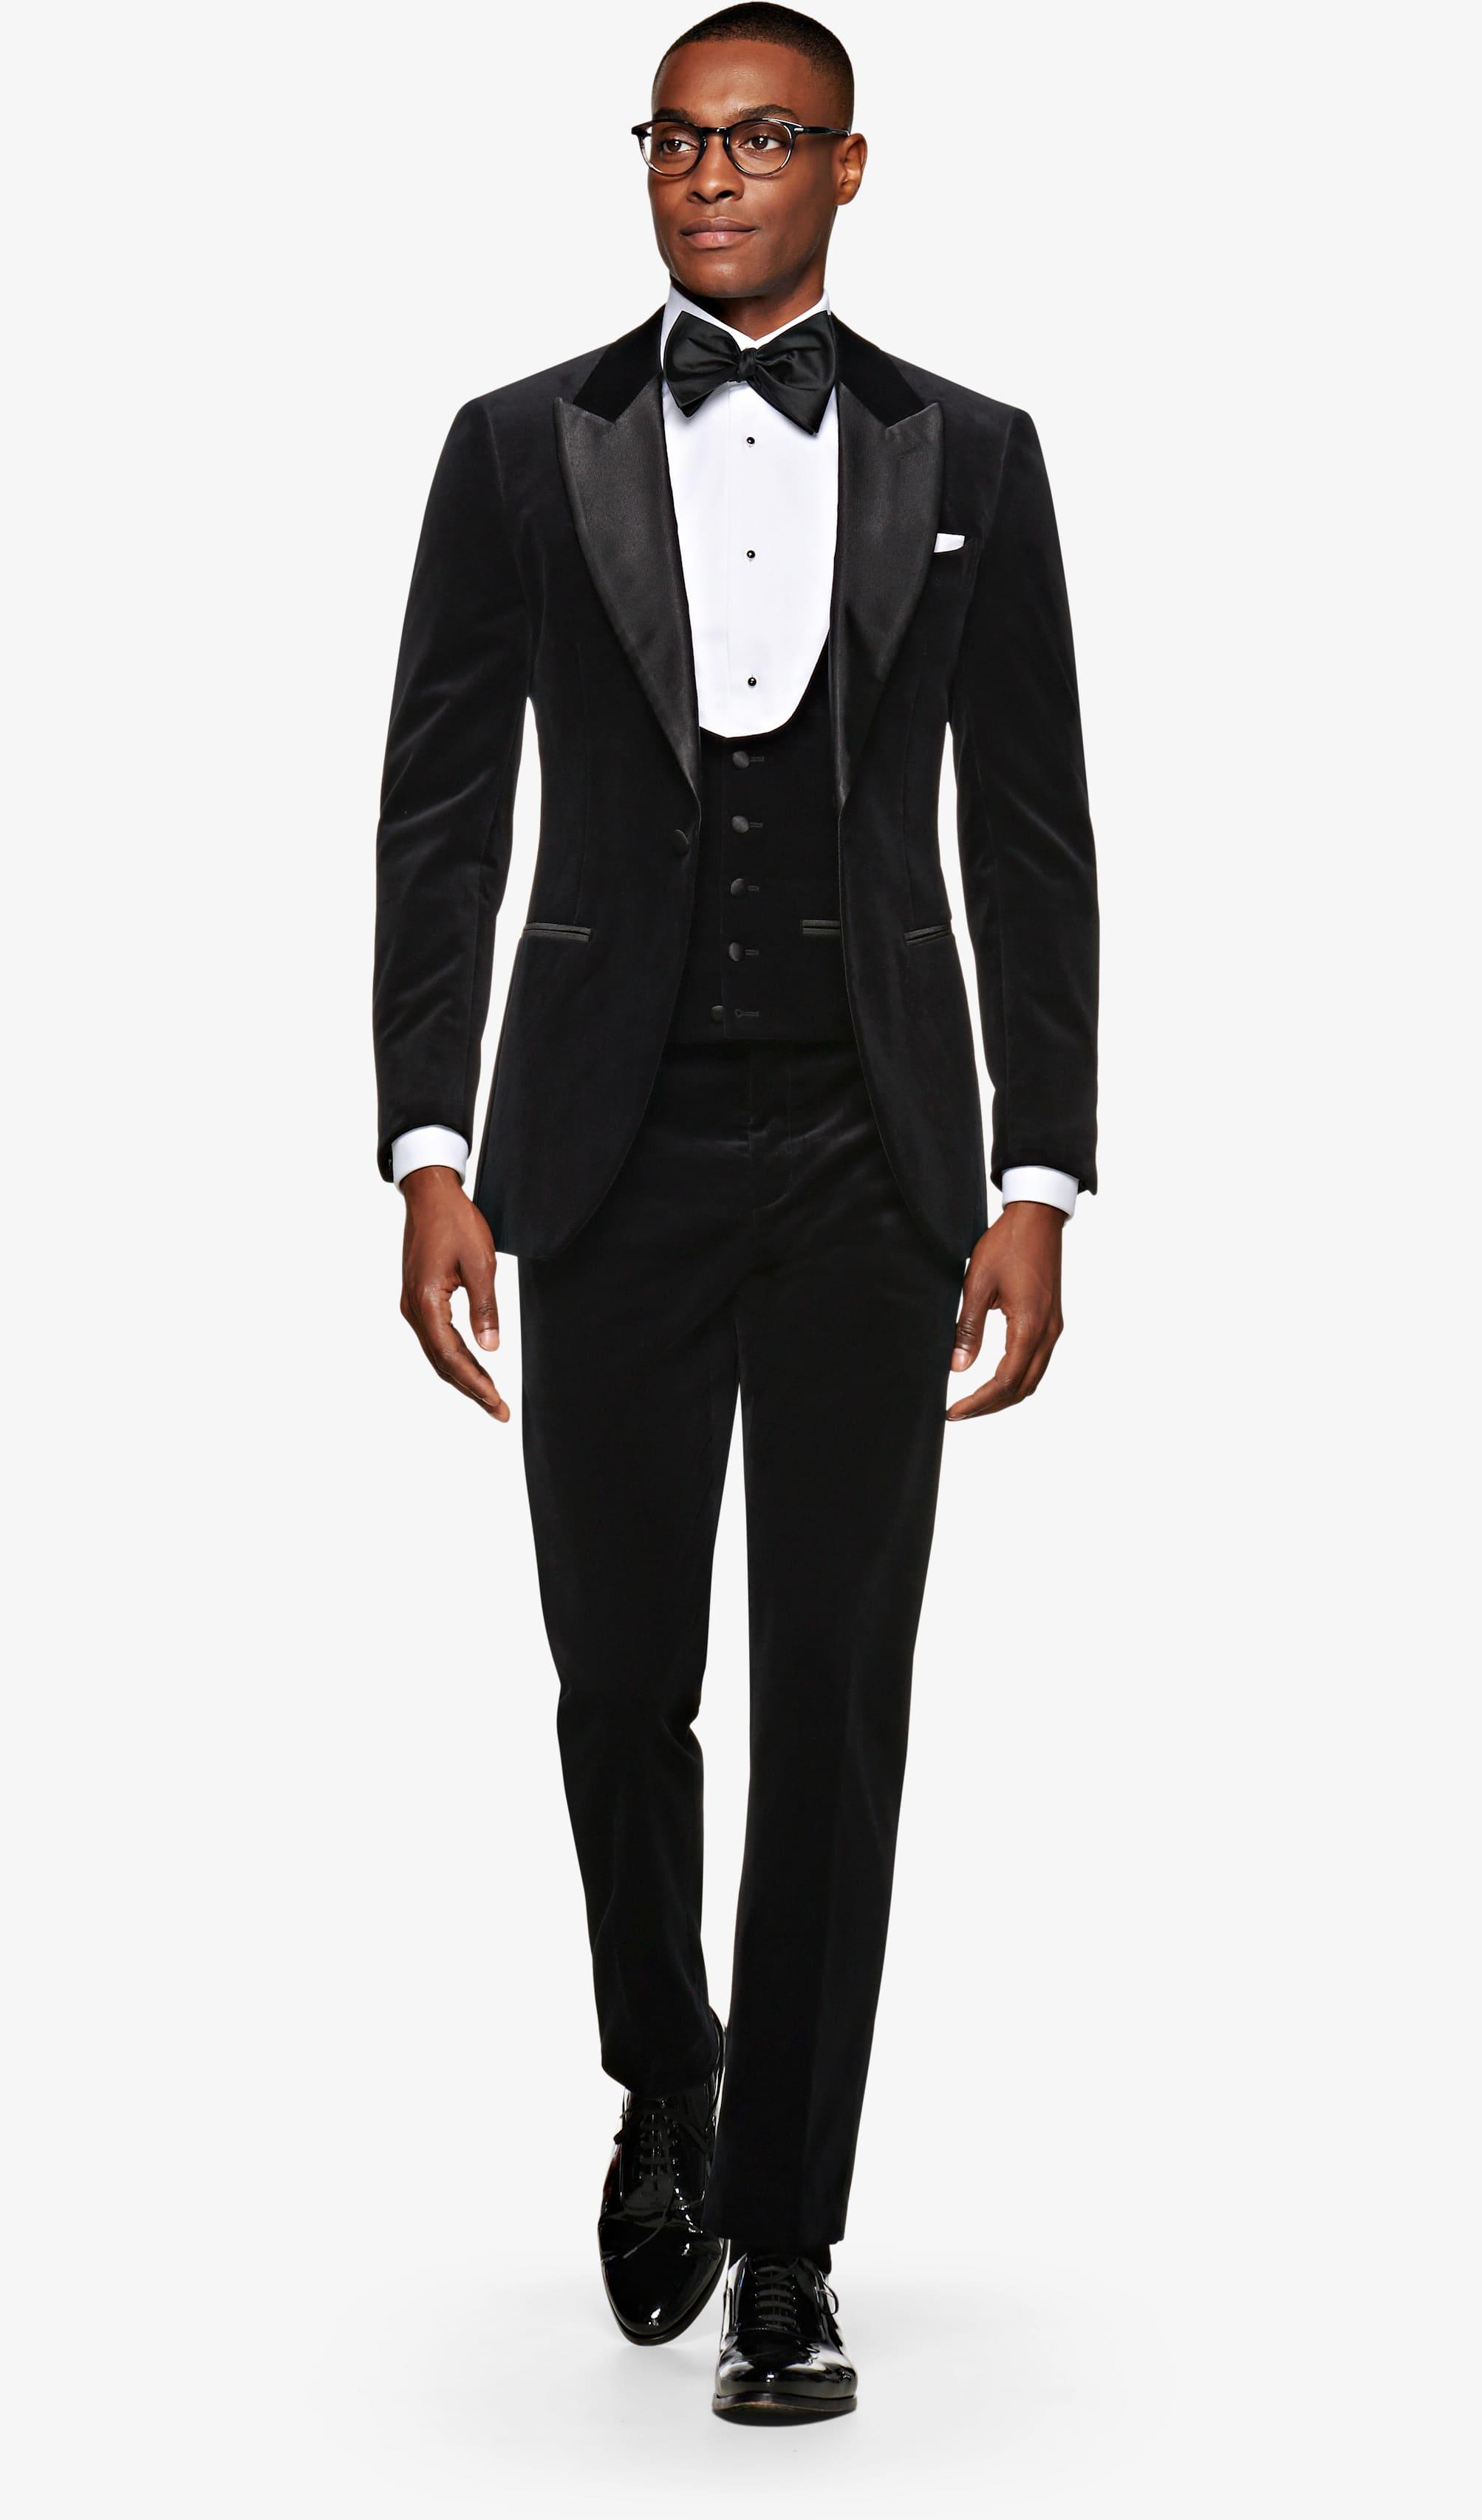 Suit_Black_Plain_Lazio_Tuxedo_P5606I